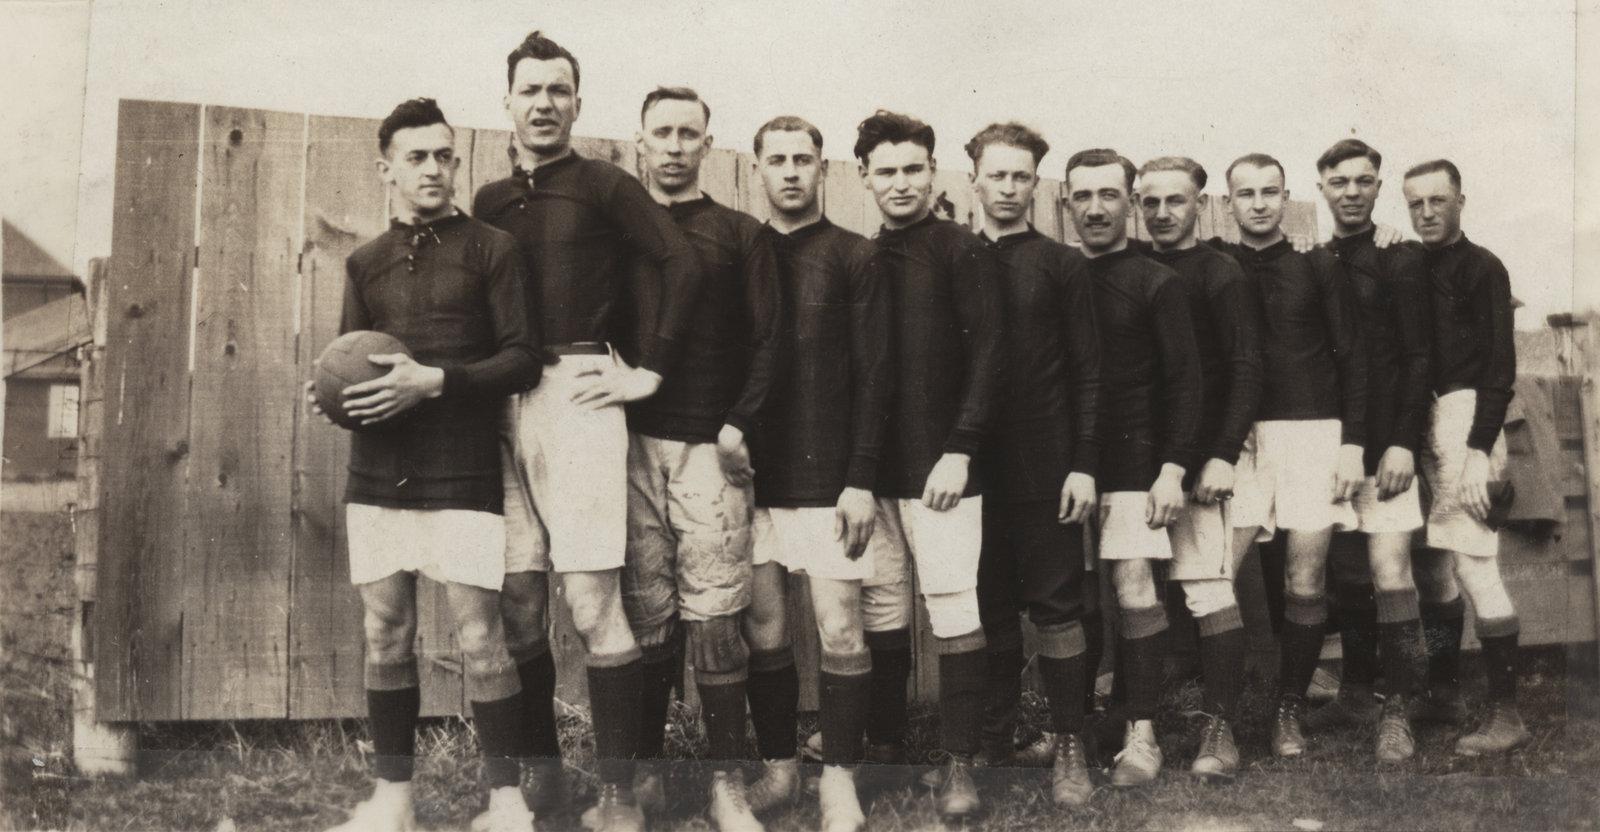 Waterloo College soccer team, 1924